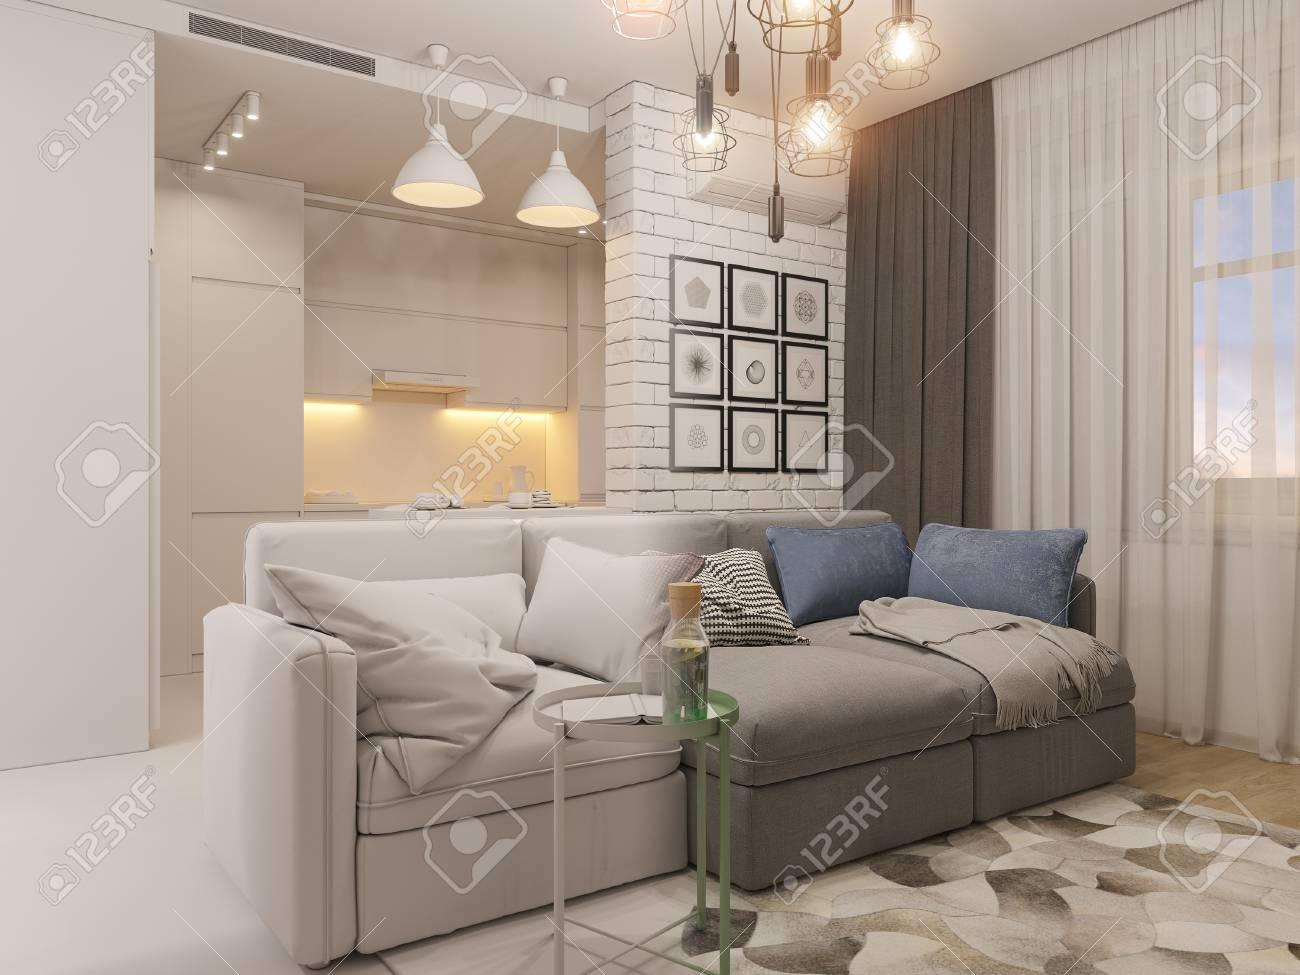 3d Illustration Living Room And Kitchen Interior Design. Modern ...